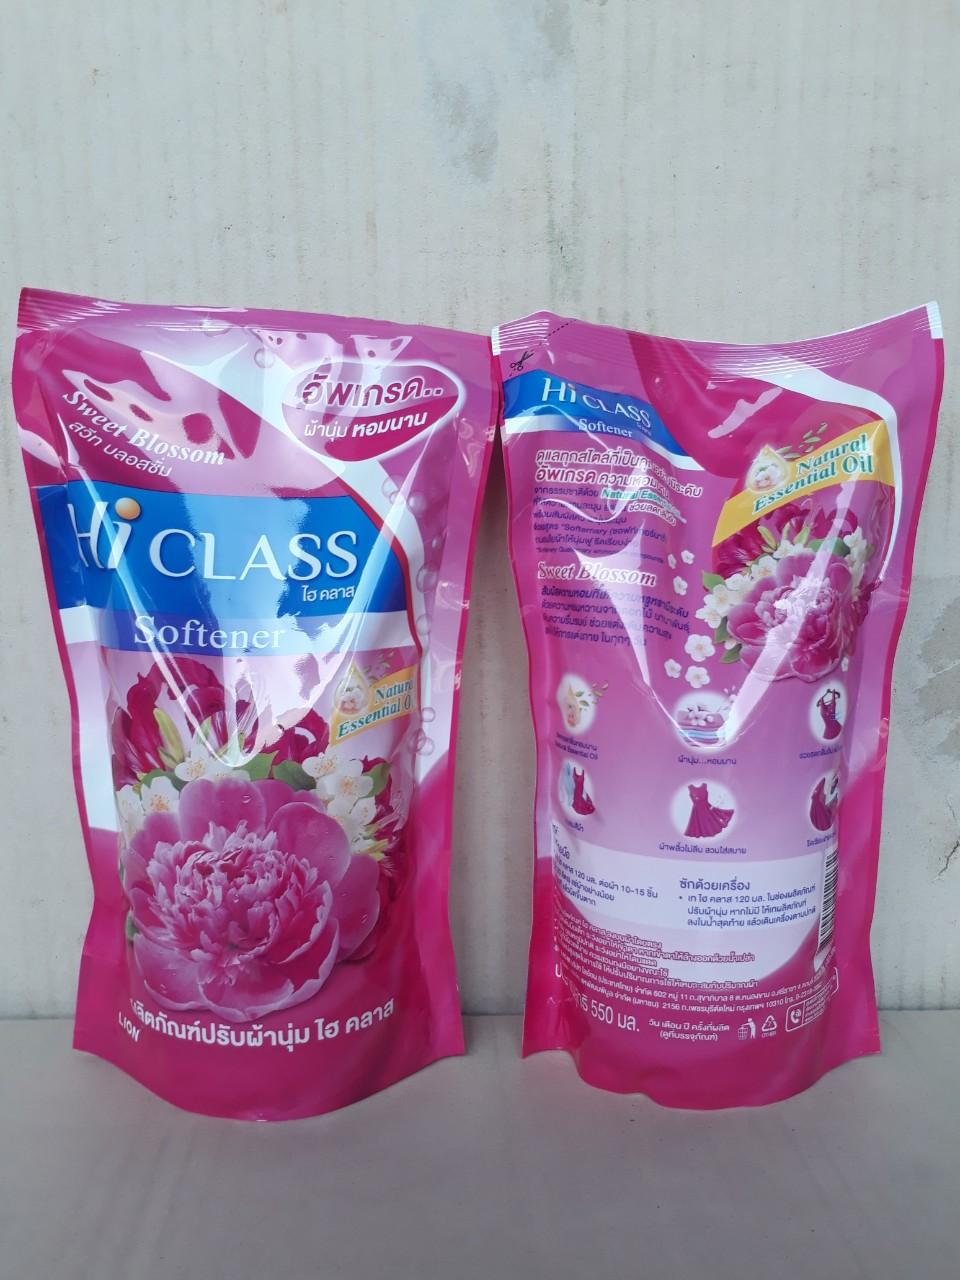 Nước xã Hiclass tinh dầu tự nhiên 550ml (Sweet Blooming - hồng)